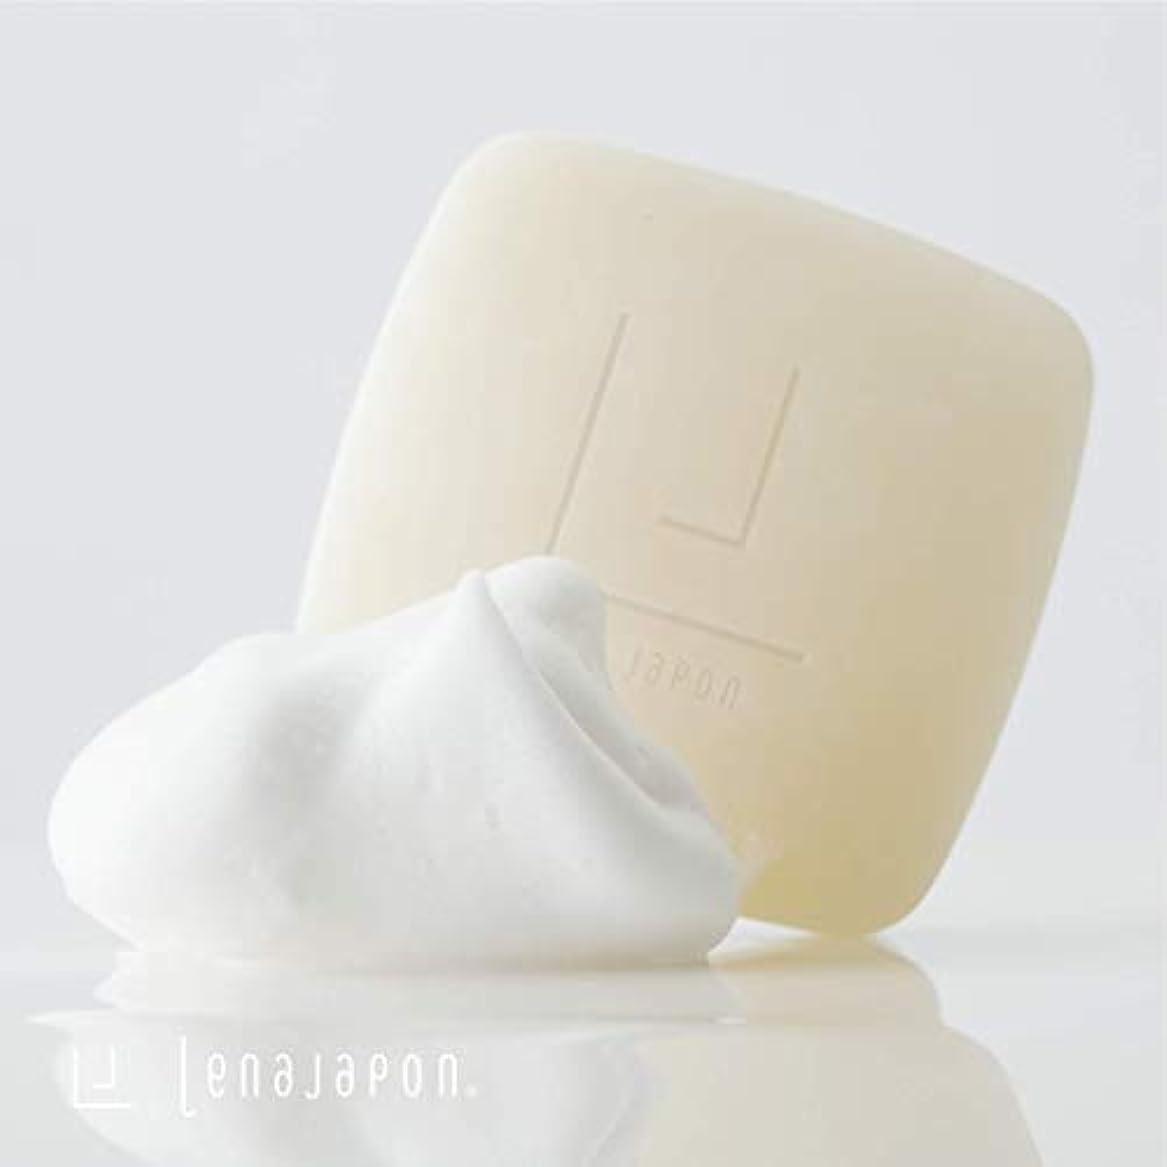 世辞生む覗くレナジャポン〈洗顔石鹸〉LJ モイストバー / LENAJAPON 〈rich foaming face soap〉 LJ MOIST BAR